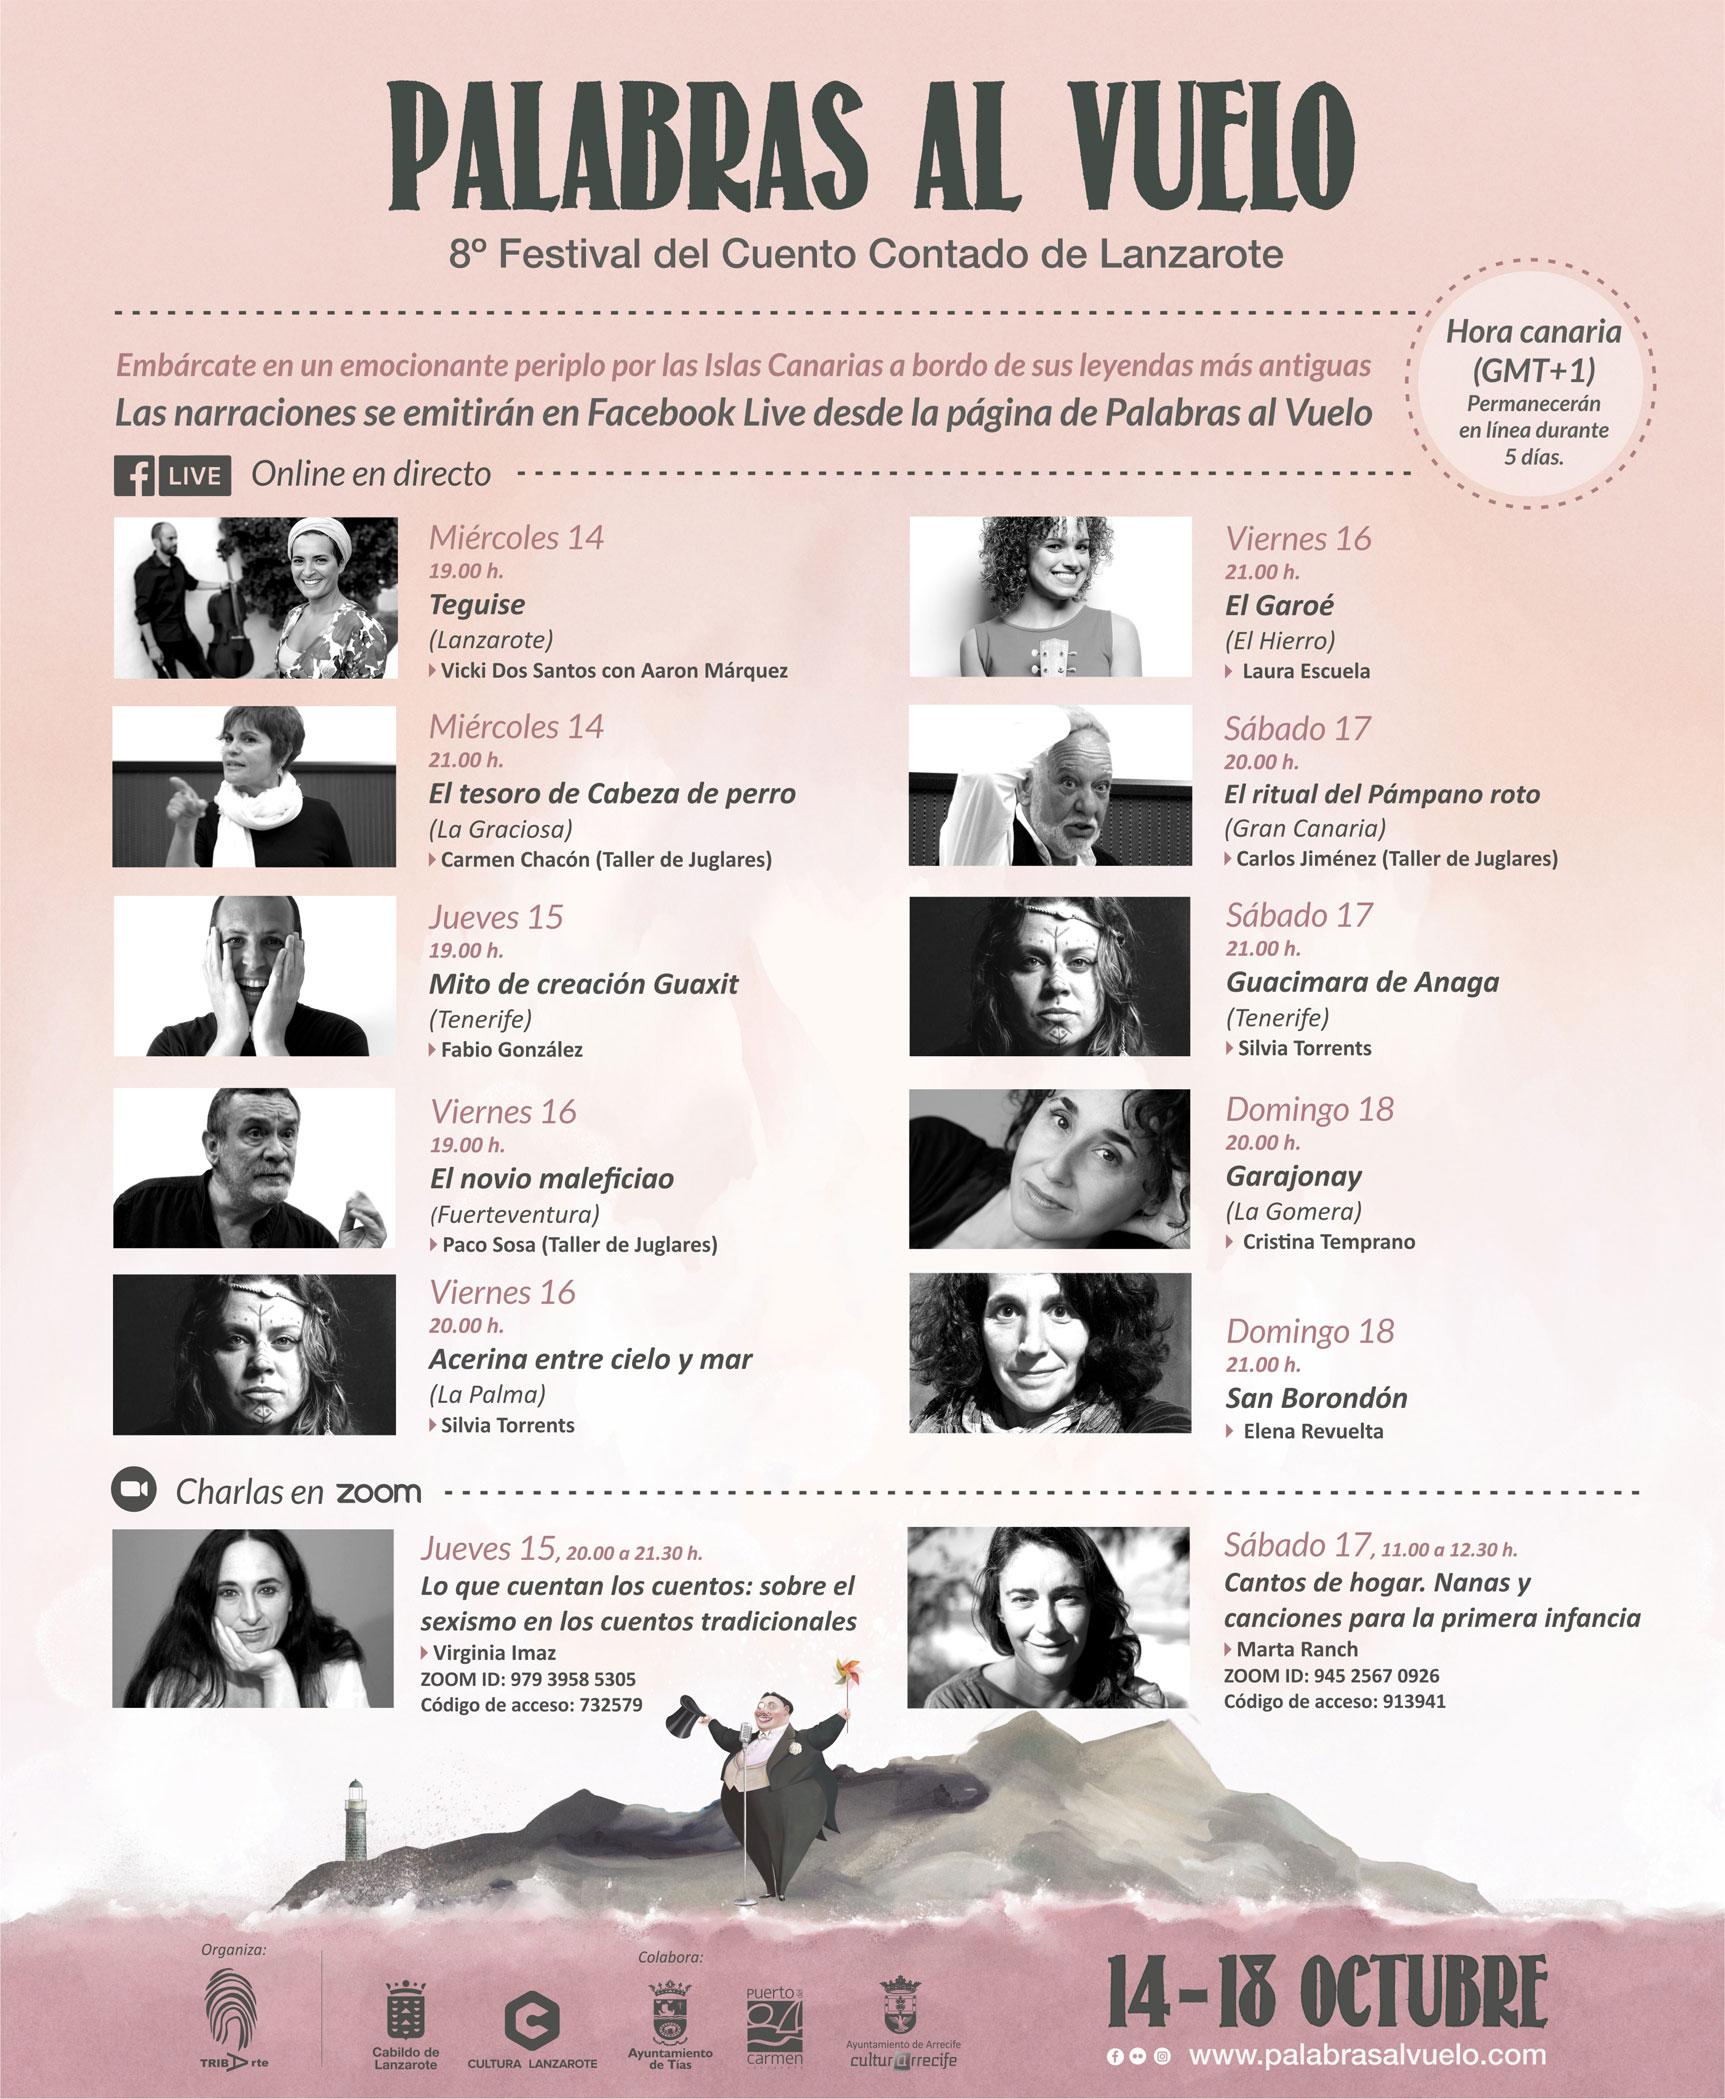 El Festival del Cuento Contado de Lanzarote «Palabras al Vuelo» se celebrará online, proponiendo un atractivo